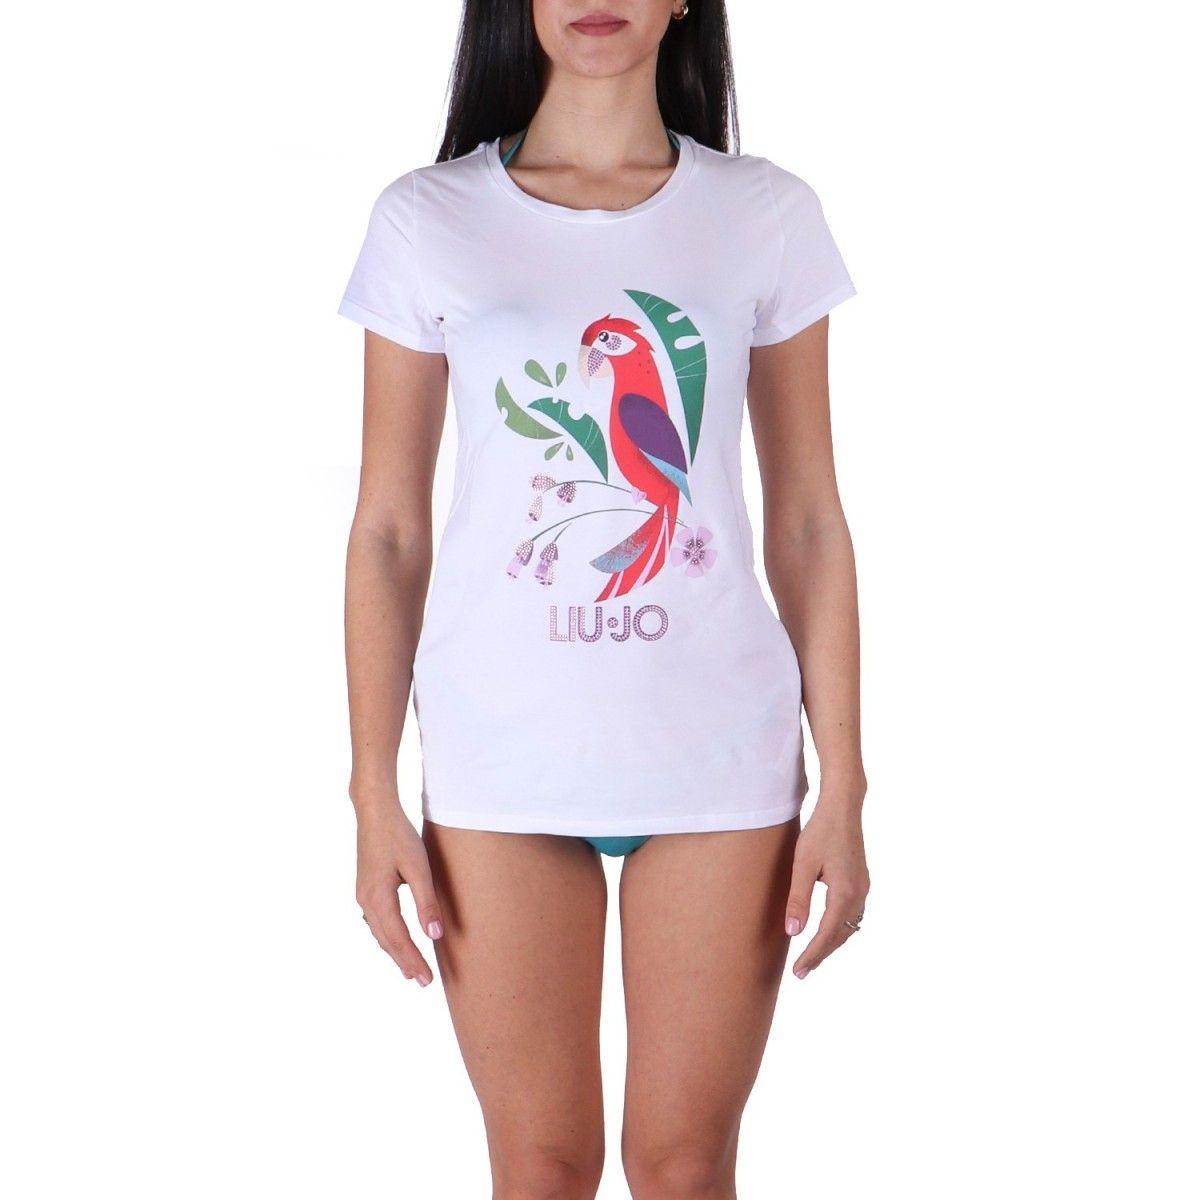 Liu jo T-shirt Bianco...